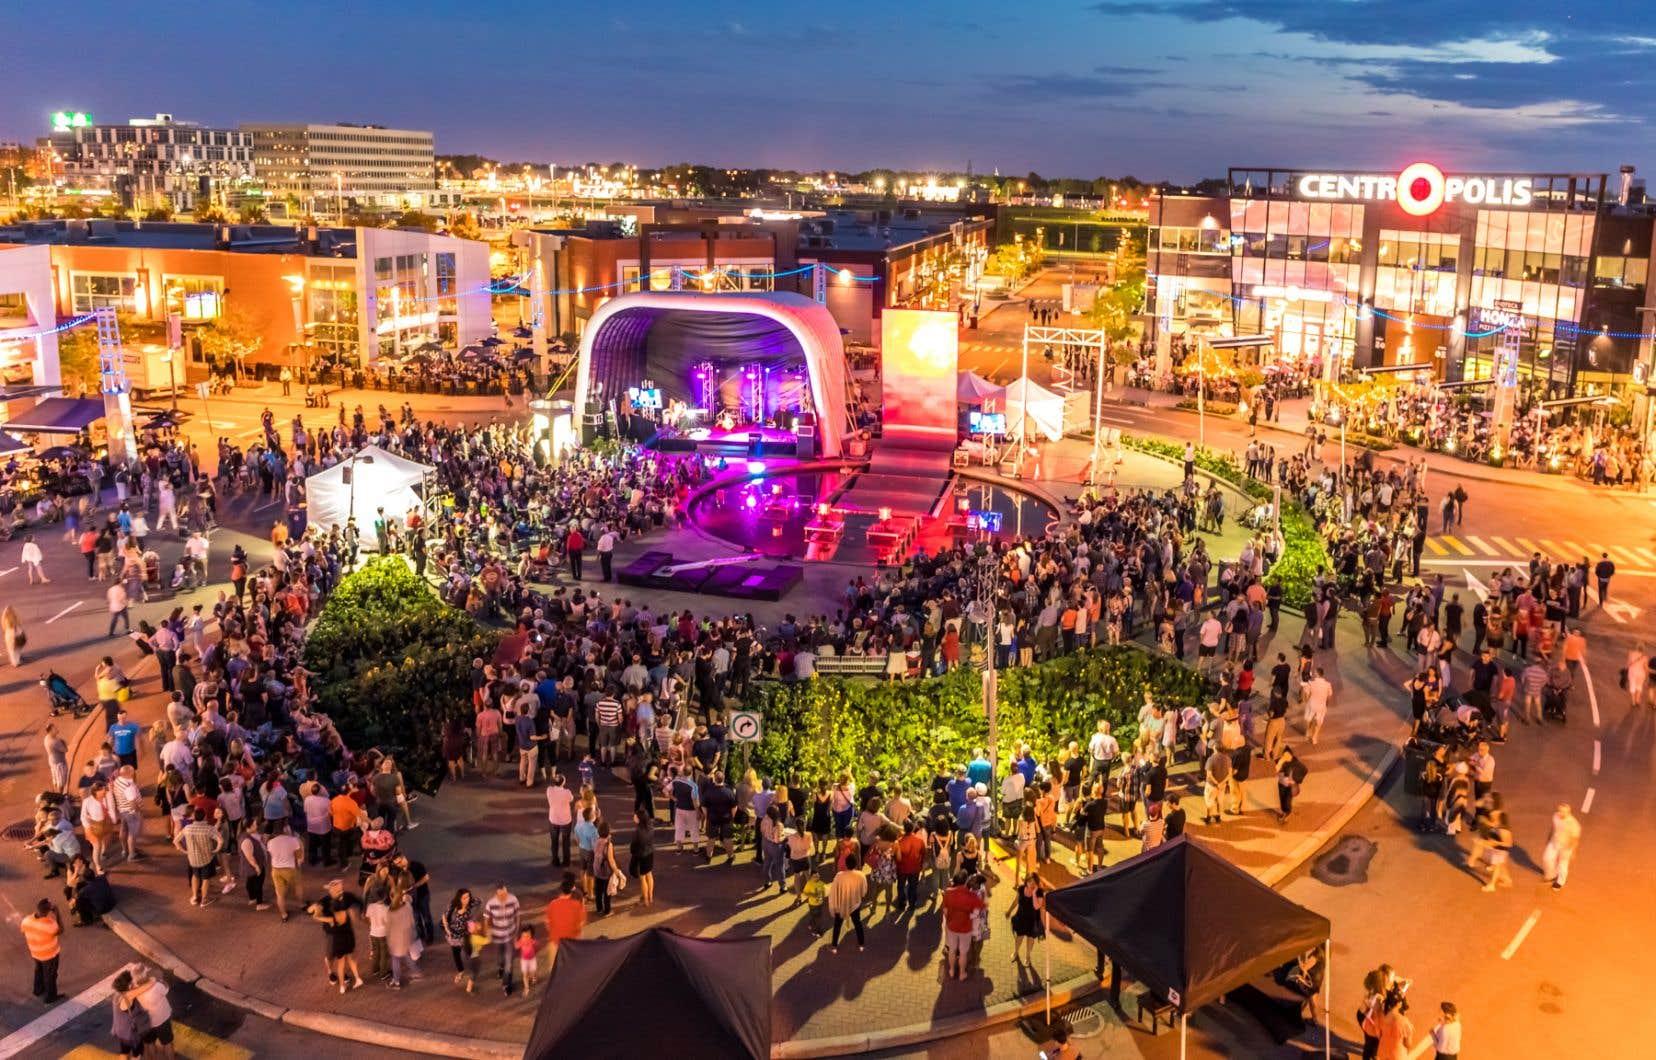 Photo prise à l'événement du Solstice d'été au Centropolis